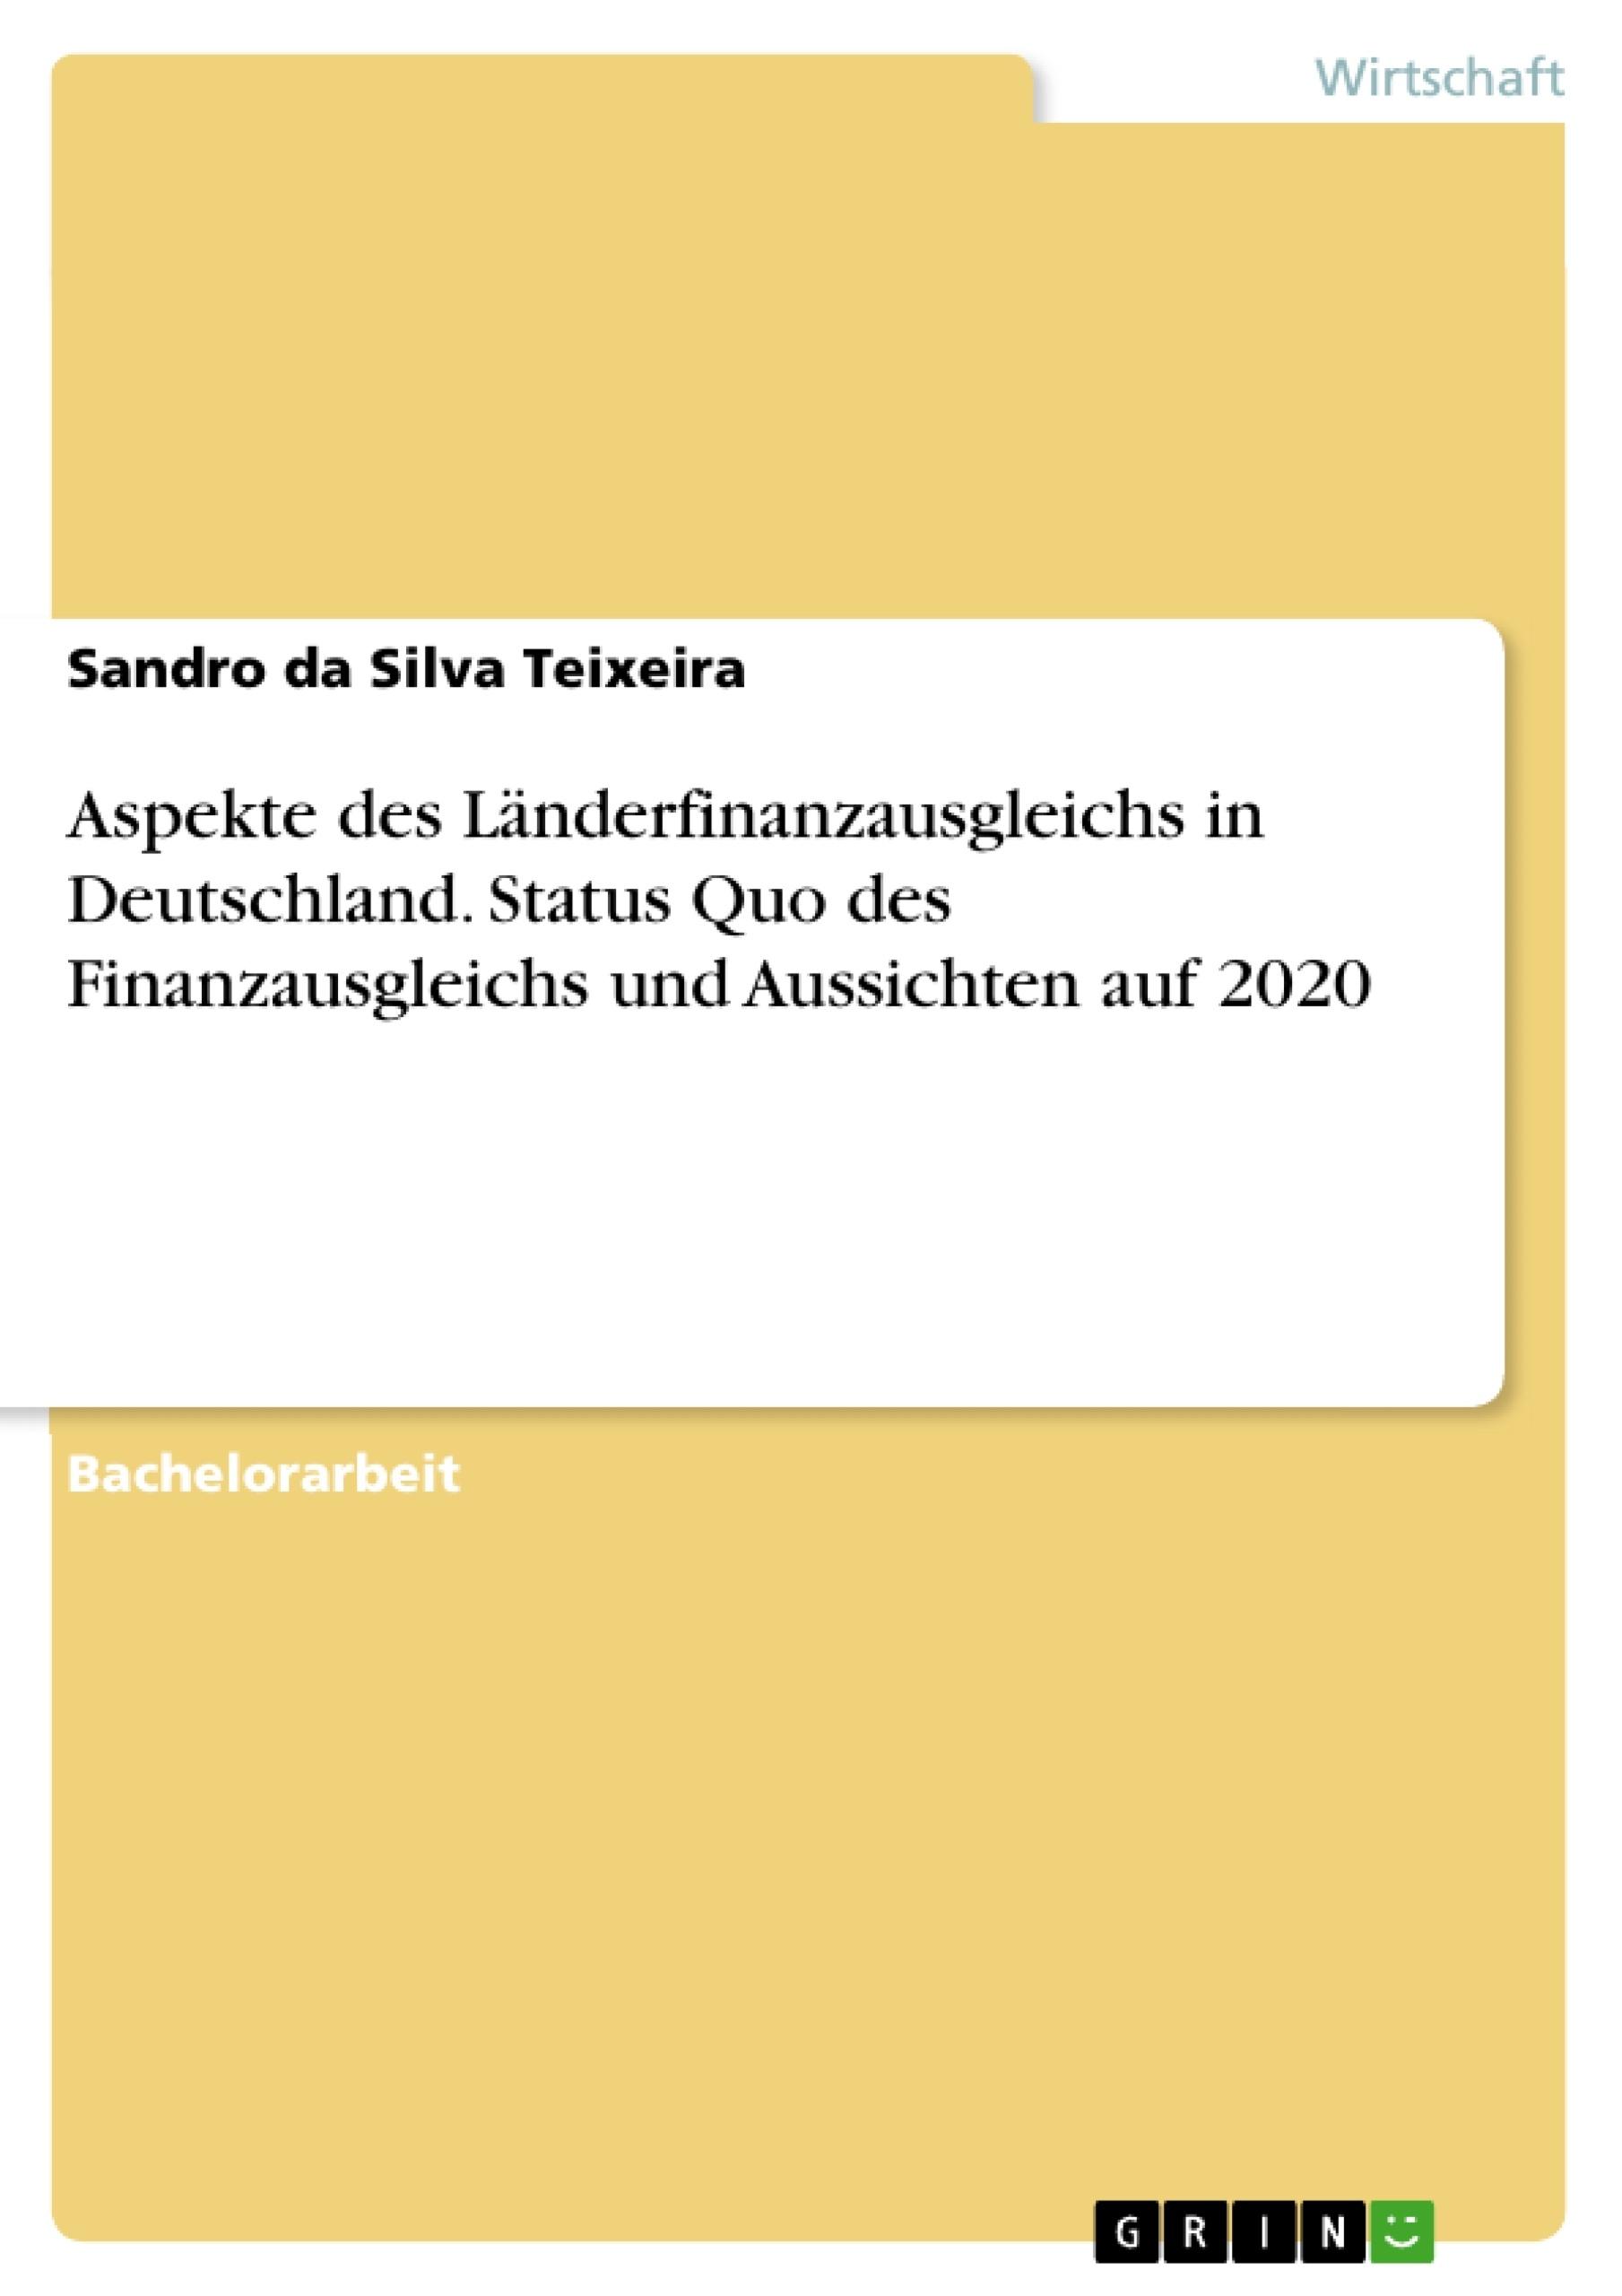 Titel: Aspekte des Länderfinanzausgleichs in Deutschland. Status Quo des Finanzausgleichs und Aussichten auf 2020